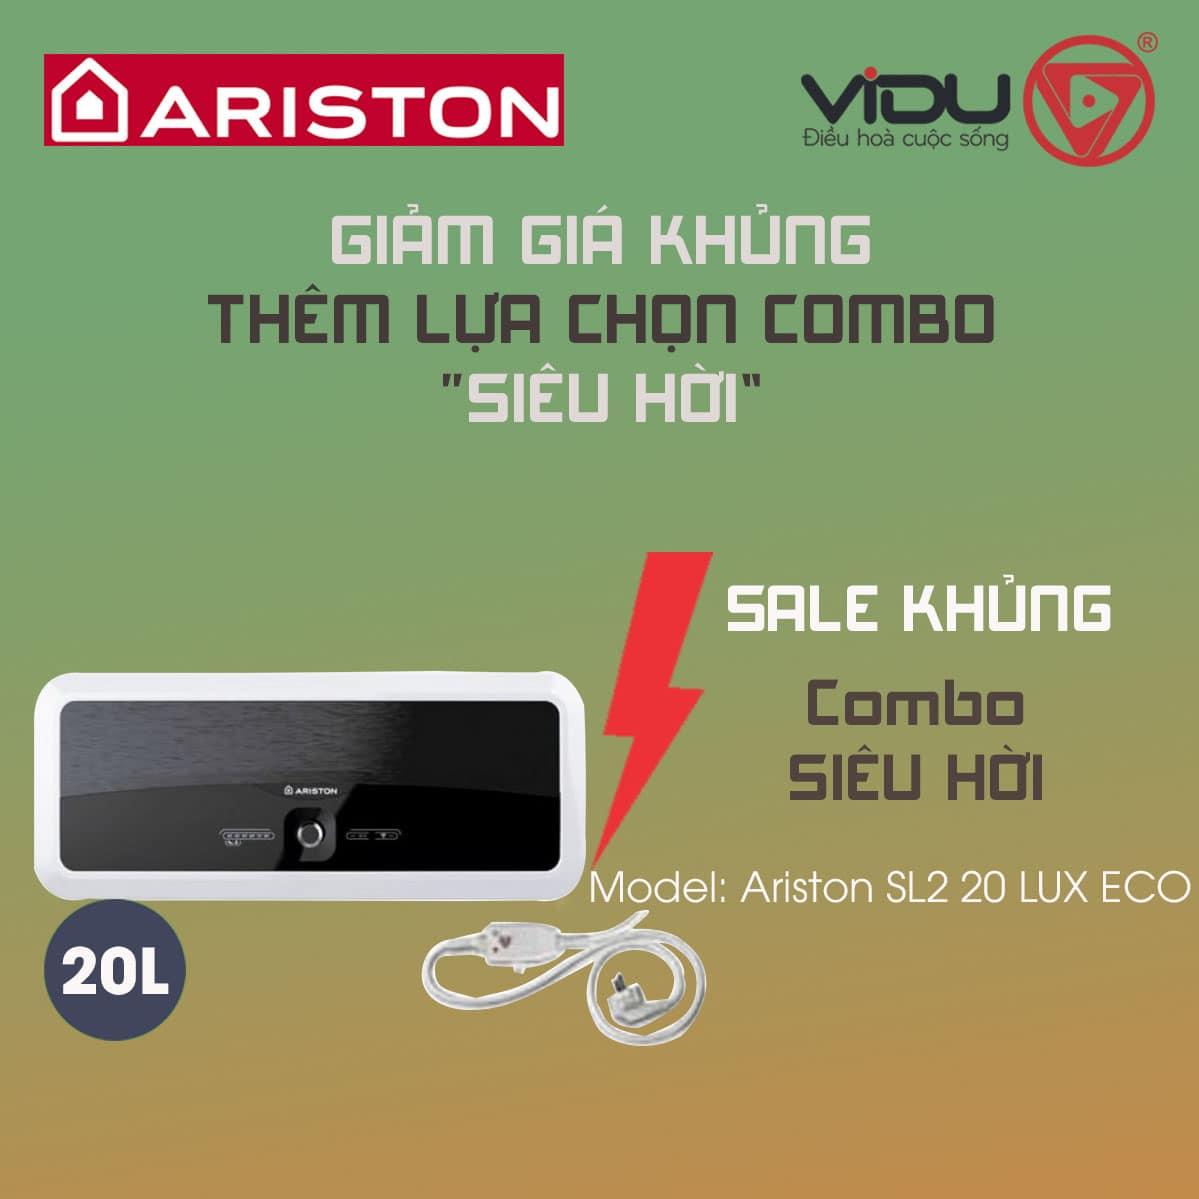 Bình nóng lạnh gián tiếp Ariston 20L SL2 20LUX ECO